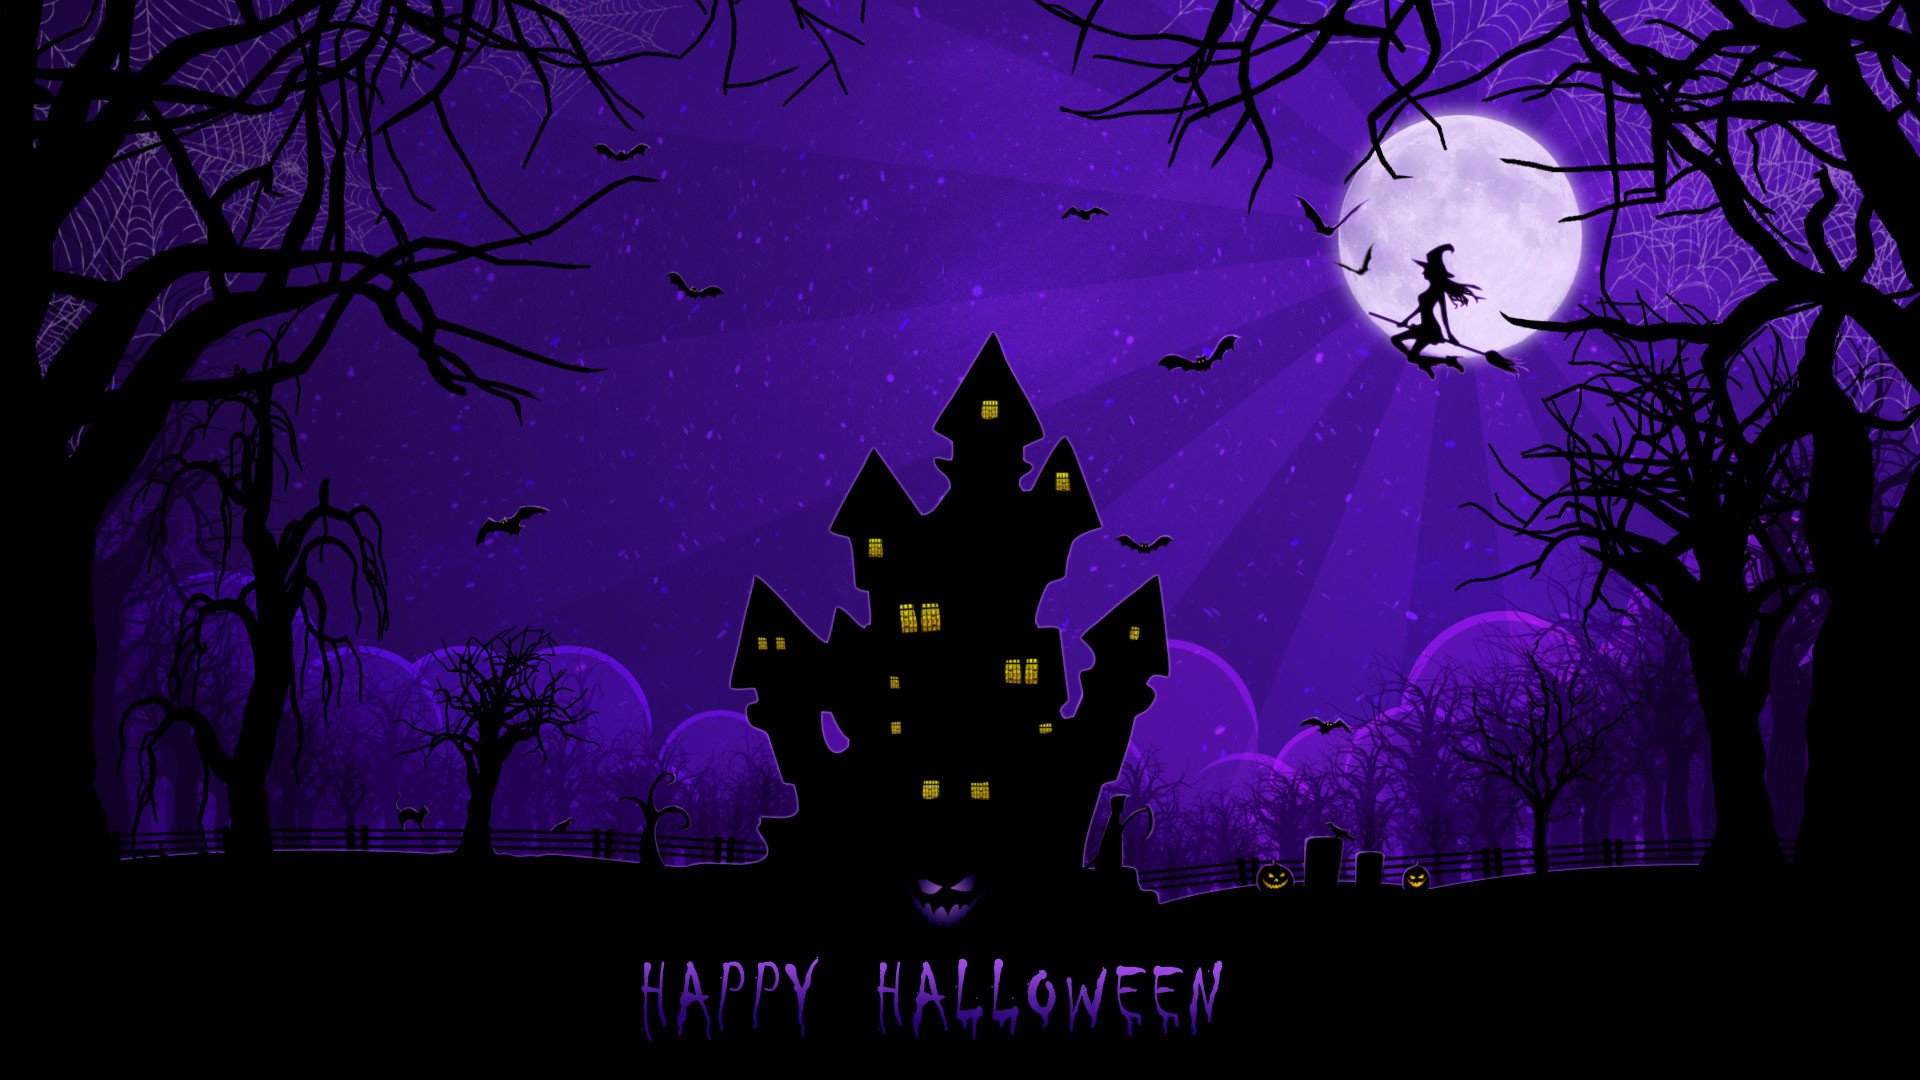 Download halloween backgrounds wallpaper HD.